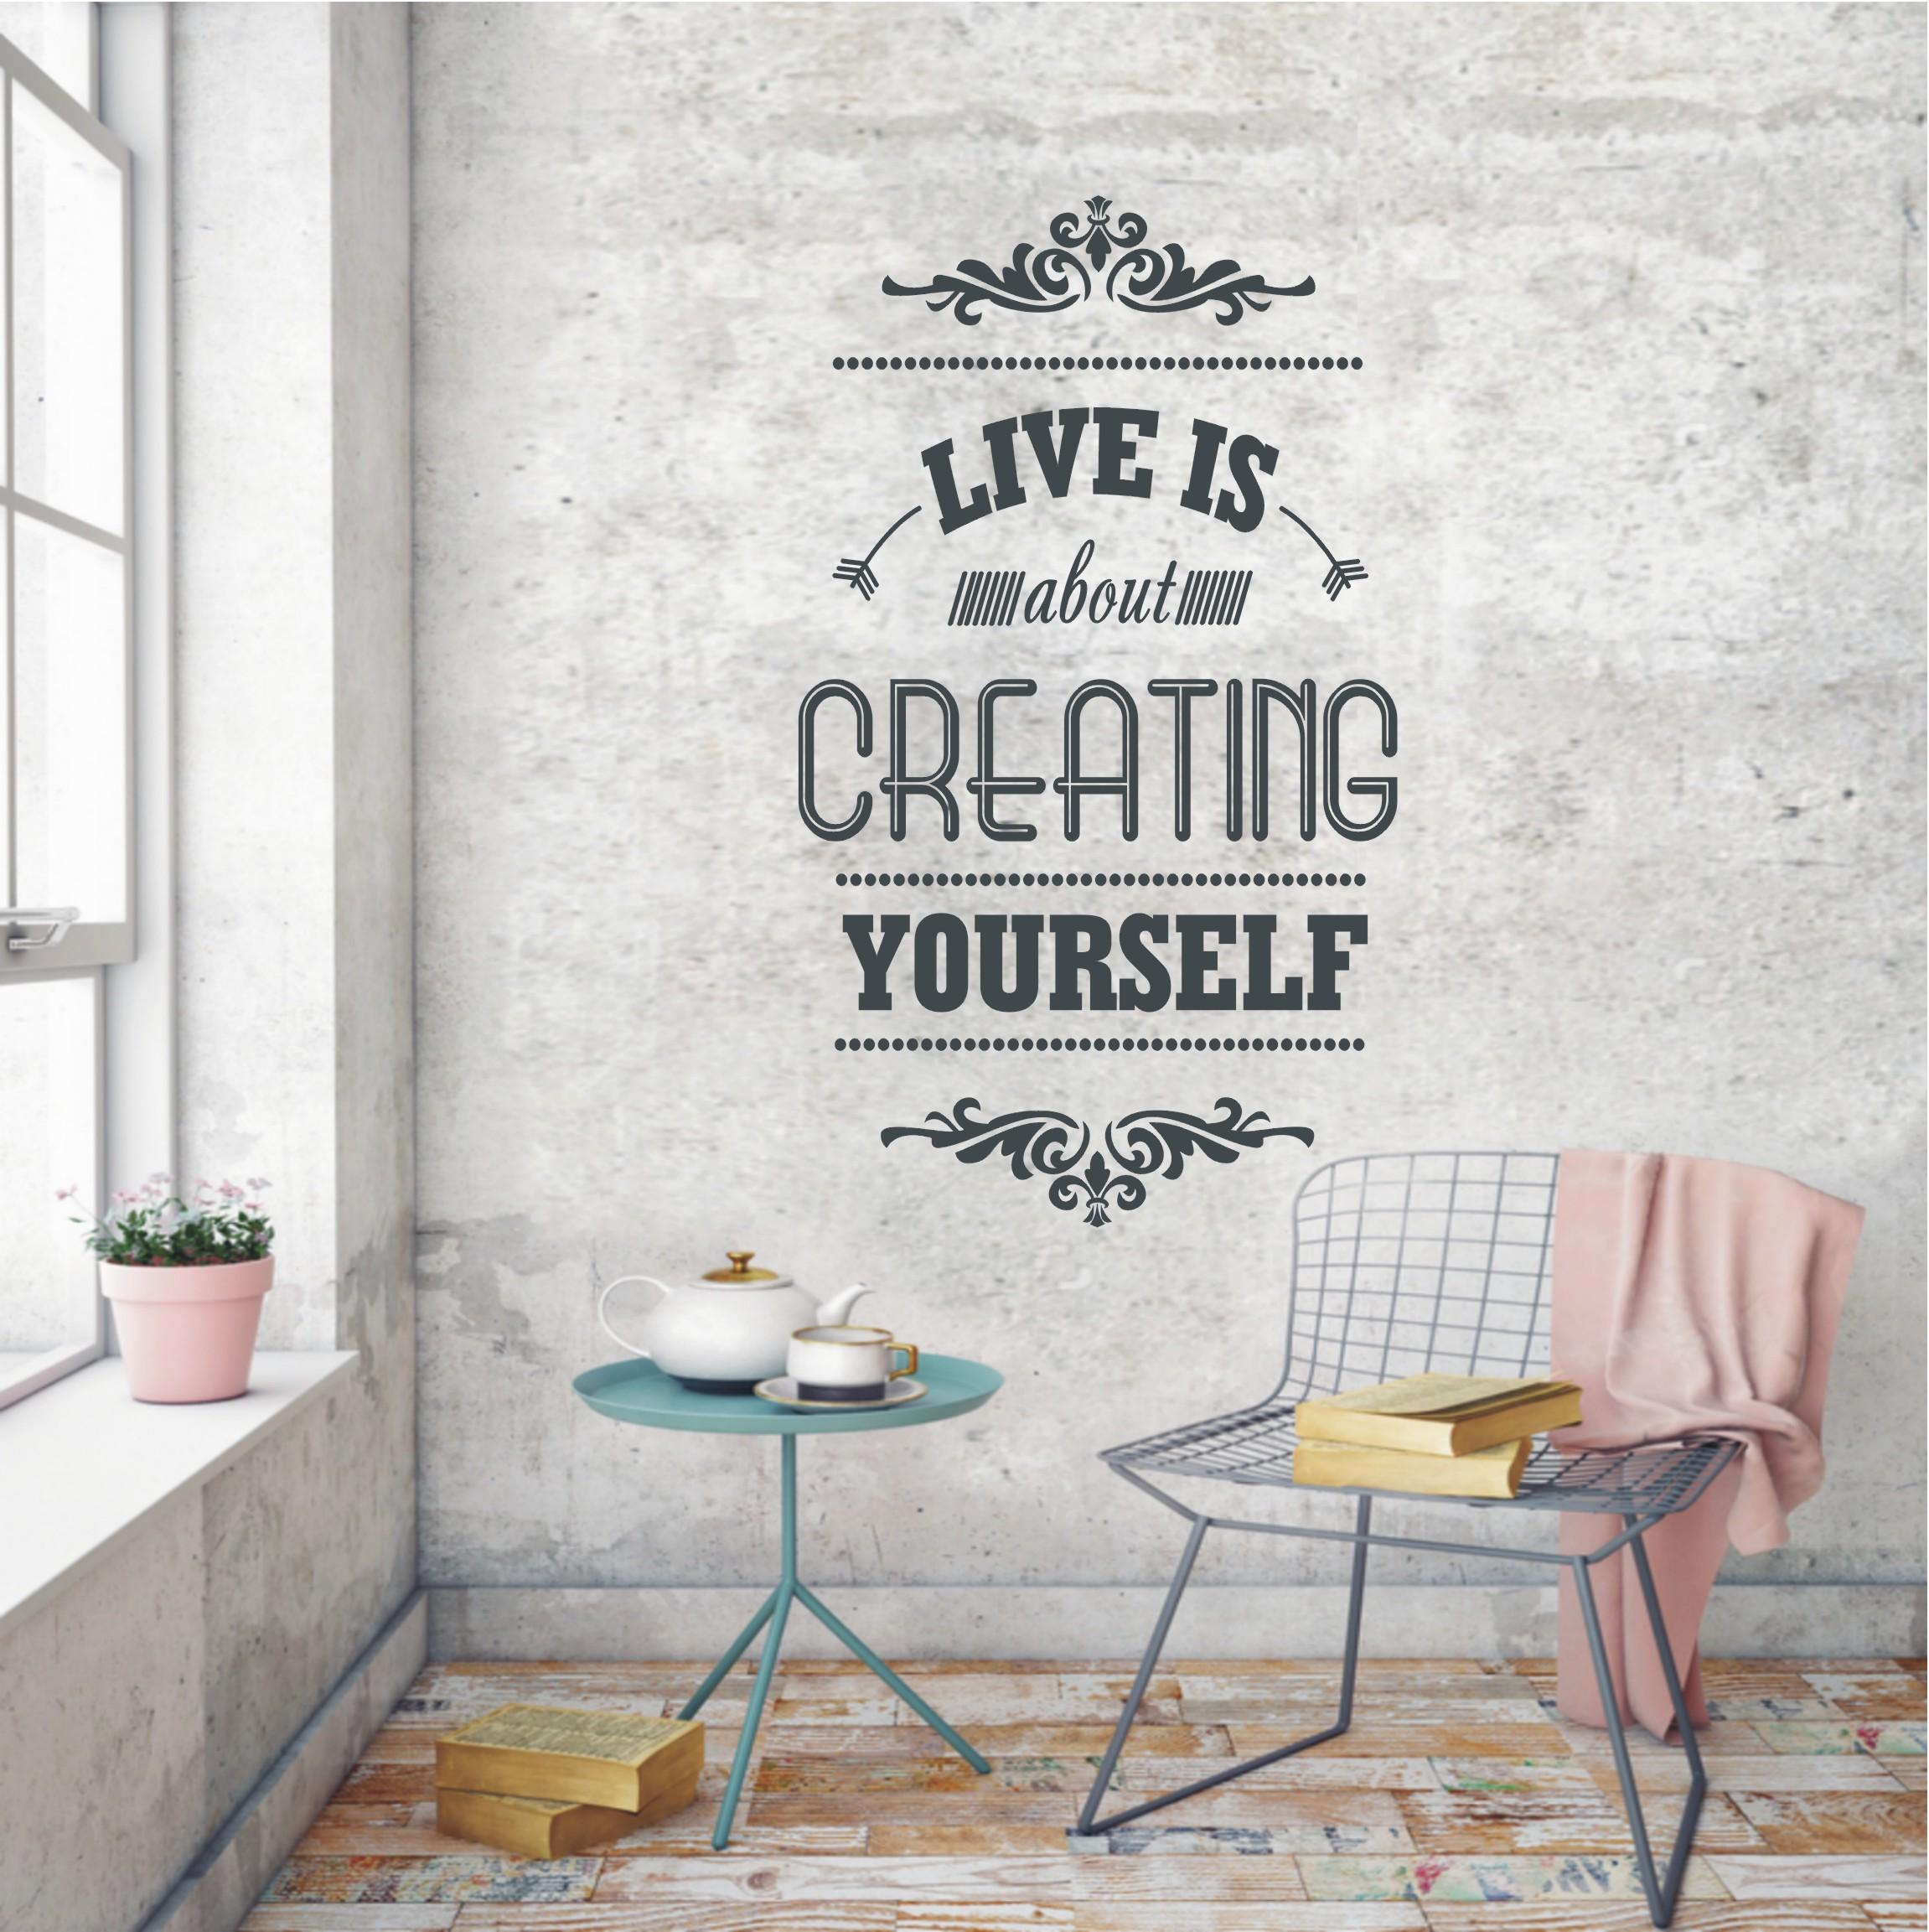 wandtattoo-live-is-creating-yourself-773 Erstaunlich Wohnzimmer Deko Online Shop Dekorationen